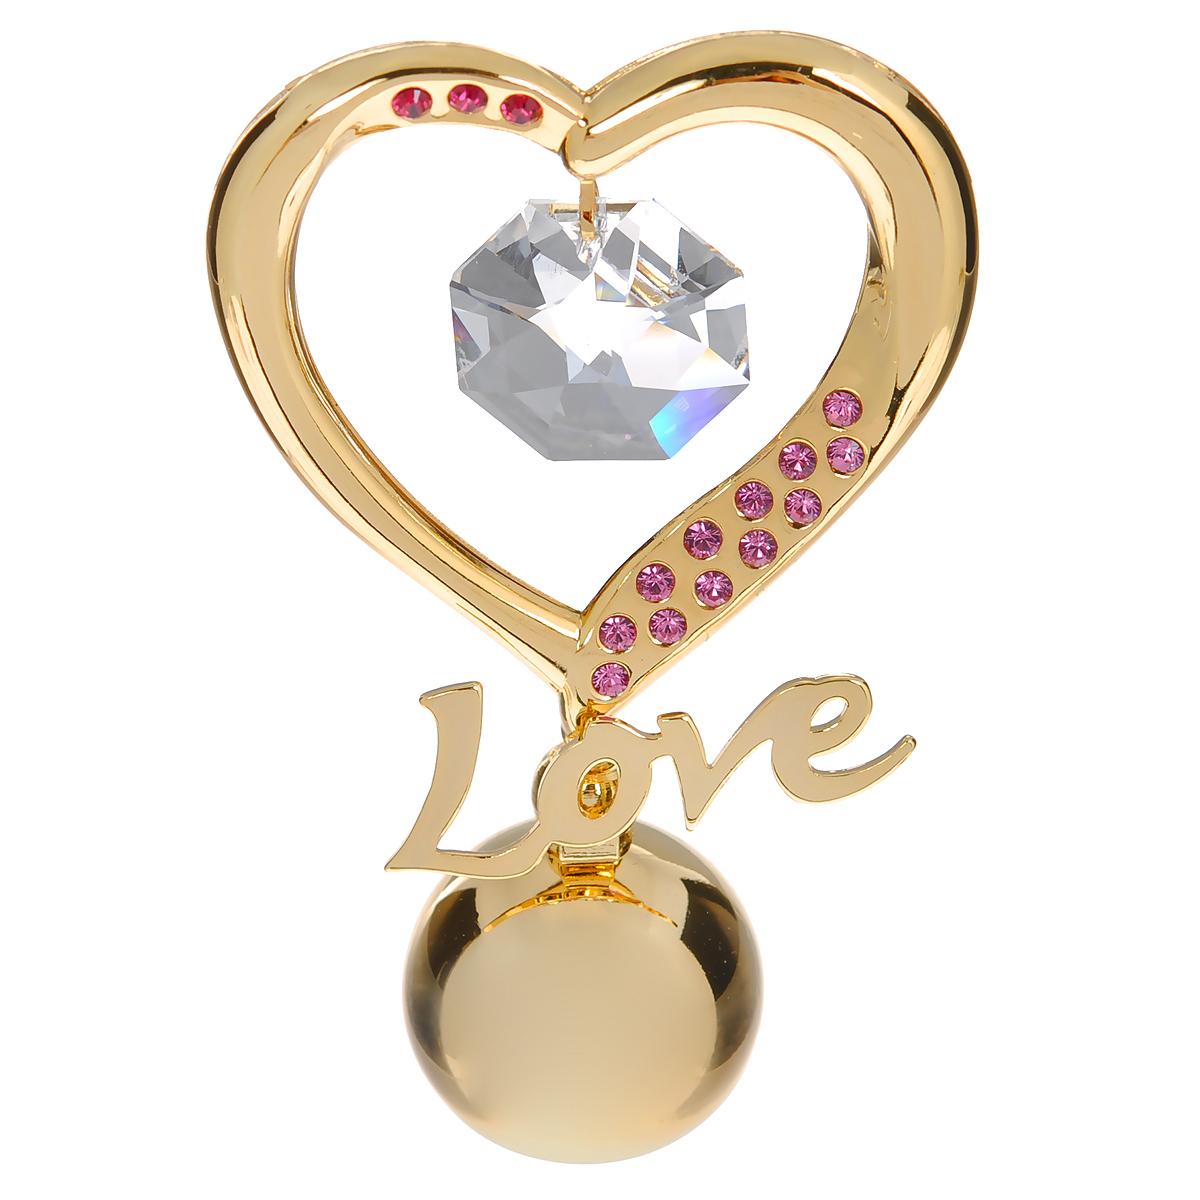 Фигурка декоративная Сердце, цвет: золотистый, розовый. 6719125051 7_желтыйПритягательный блеск и невероятная утонченность декоративной фигурки Сердце великолепно дополнят интерьер и, несомненно, не останутся без внимания. Фигурка выполнена из металла с блестящим золотистым покрытием в виде сердечка на шаровидной подставке, украшена надписью Love и стразами и кристаллом Swarovski. Декоративная фигурка Сердце послужит прекрасным подарком ценителю изысканных и элегантных вещиц. Характеристики:Материал: металл, кристаллы Swarovski. Размер фигурки: 4 см х 0,5 см х 7,5 см. Цвет: золотистый, розовый. Артикул: 67191.